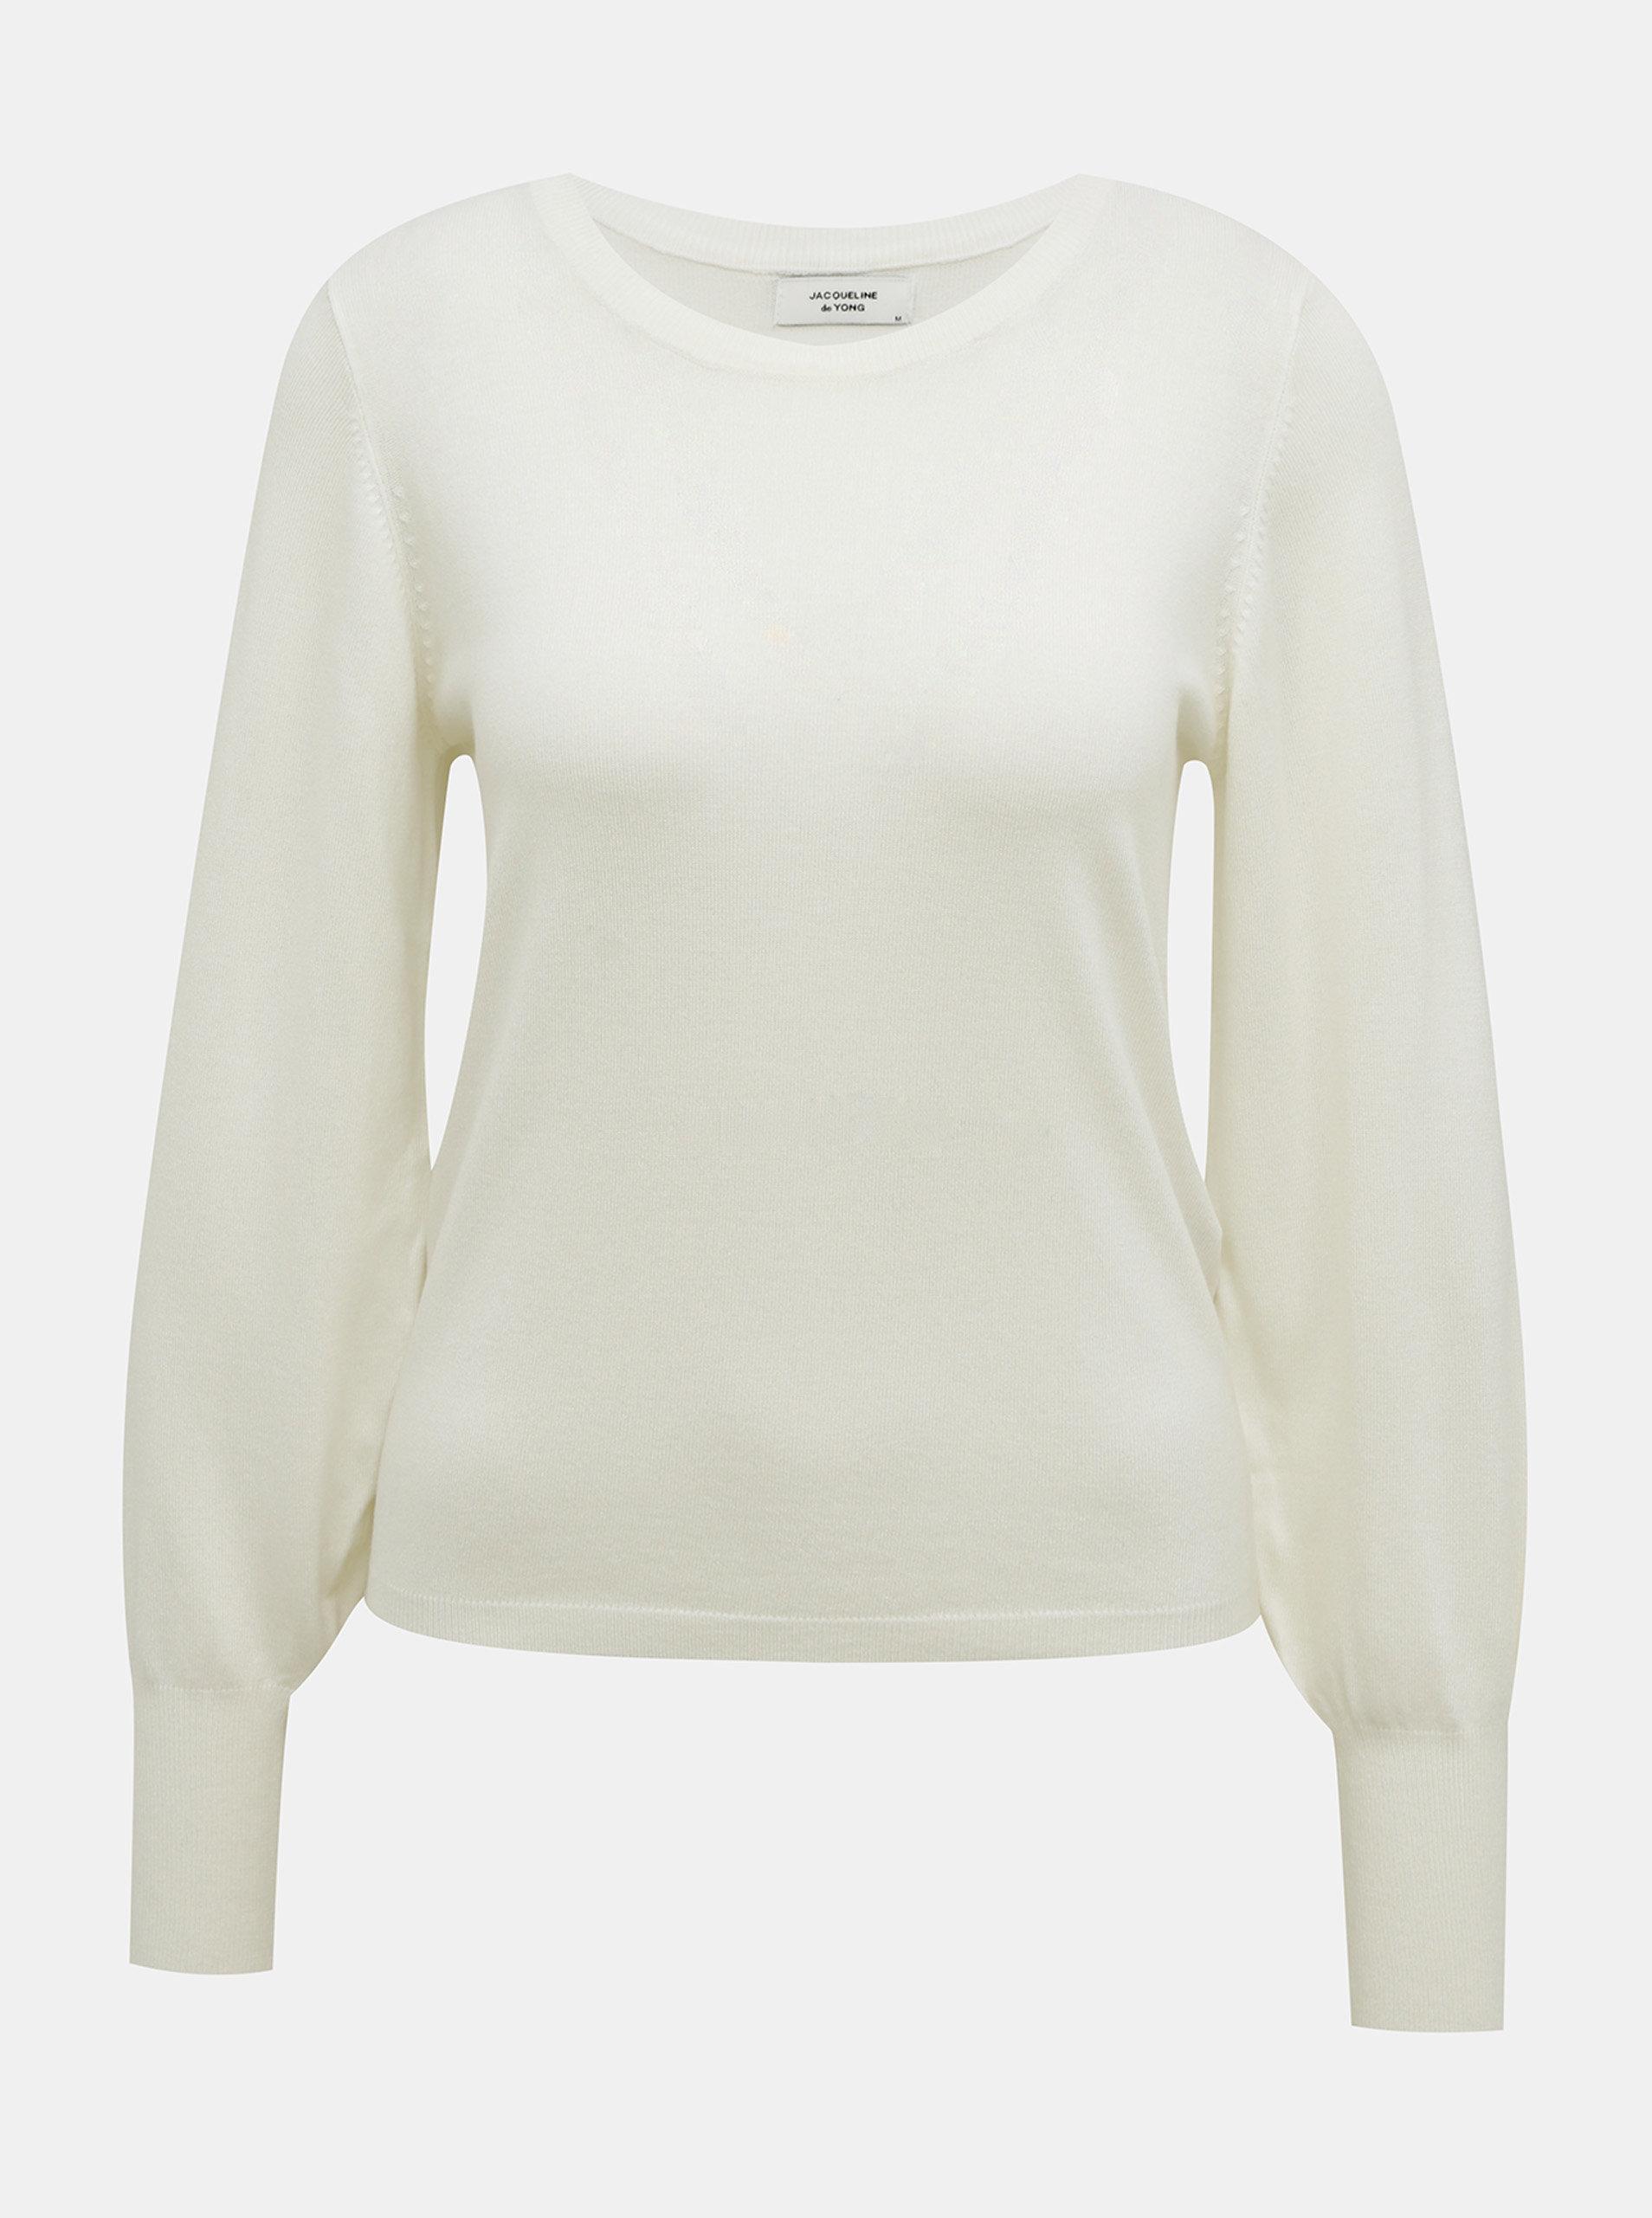 Bílý svetr Jacqueline de Yong-Maglia